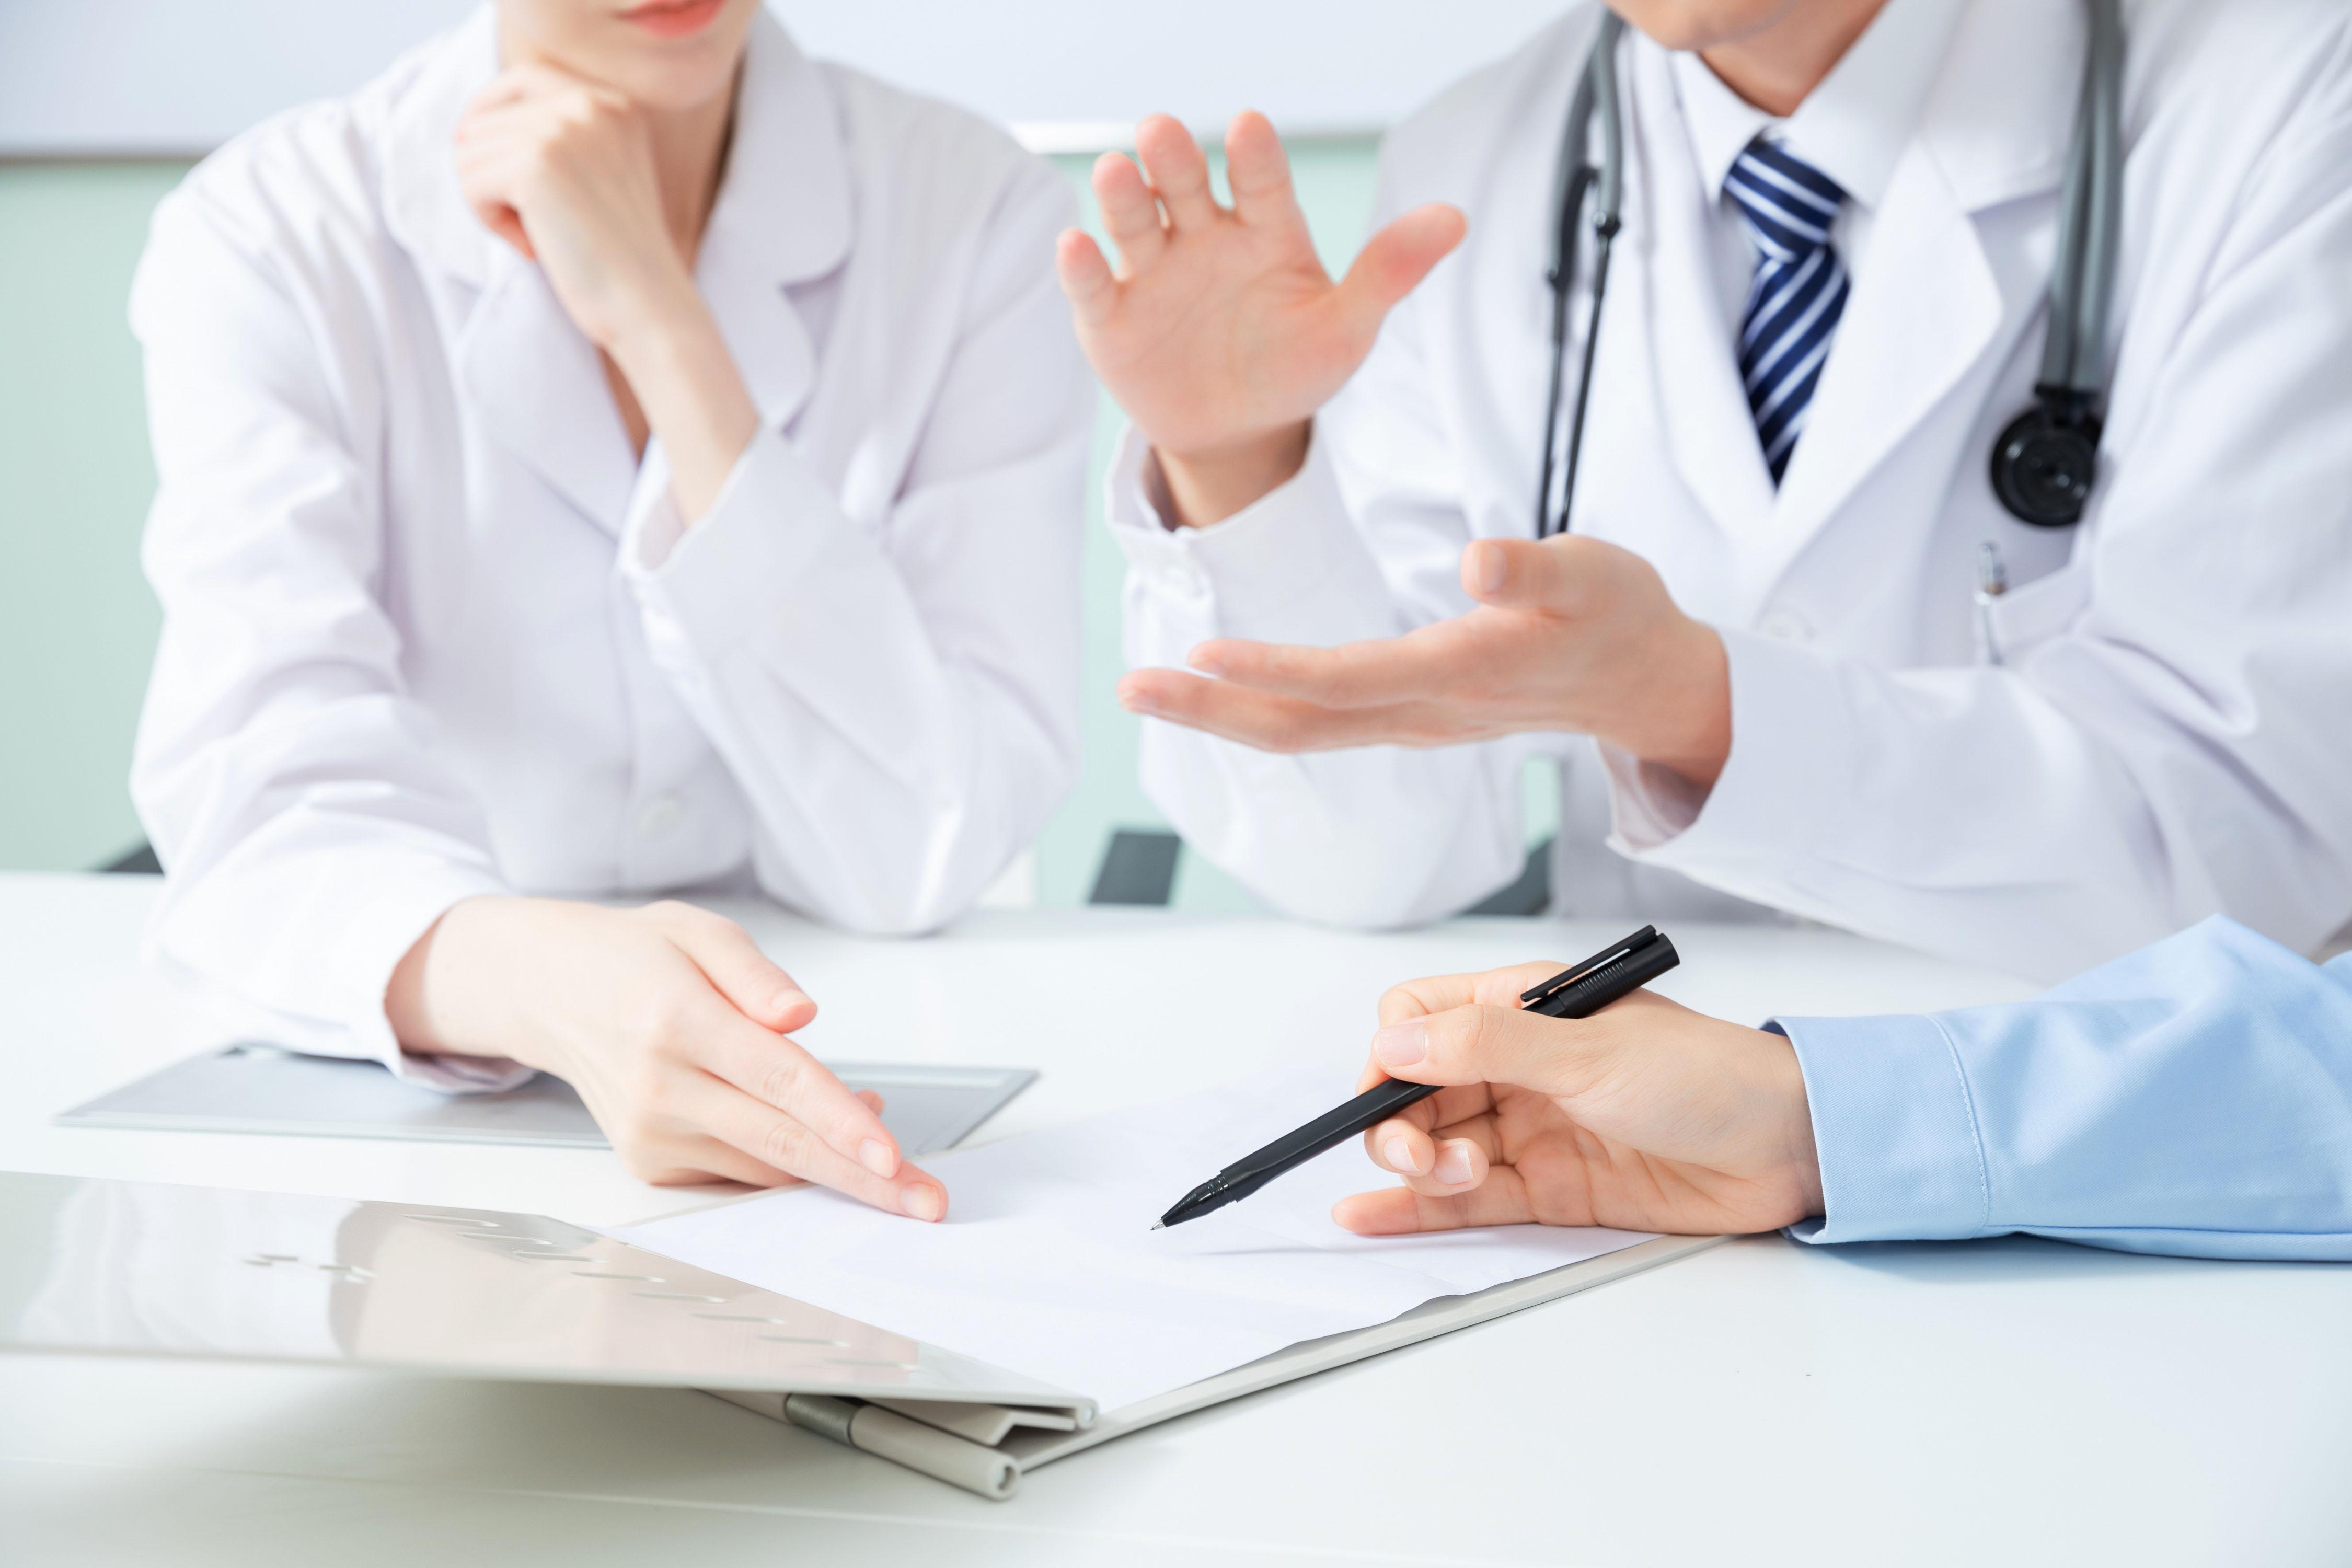 北京市企业补充医疗保险办理流程